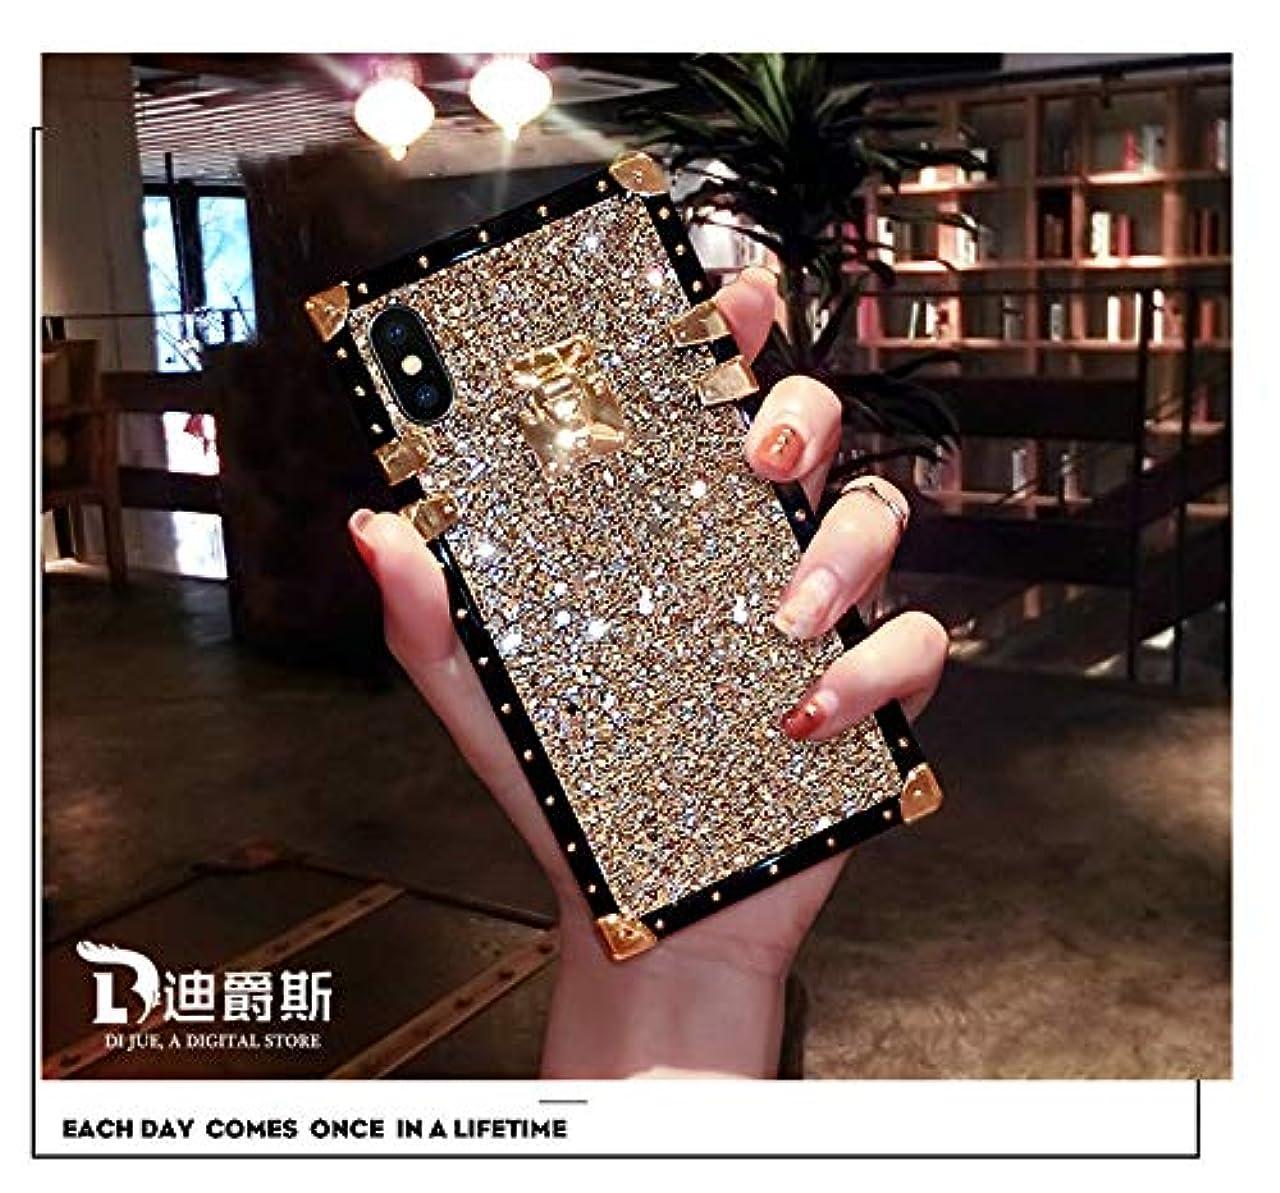 ビルダー変更一回iPhoneX ケース iPhone8携帯ケース きらきら ラインストーン iPhone7Plus 携帯ケース iPhone8Plus保護カバー 携帯の殻 保護セット モバイルシェル 携帯電話ケース iphone7 ドロッププロテクション (iPhone8)